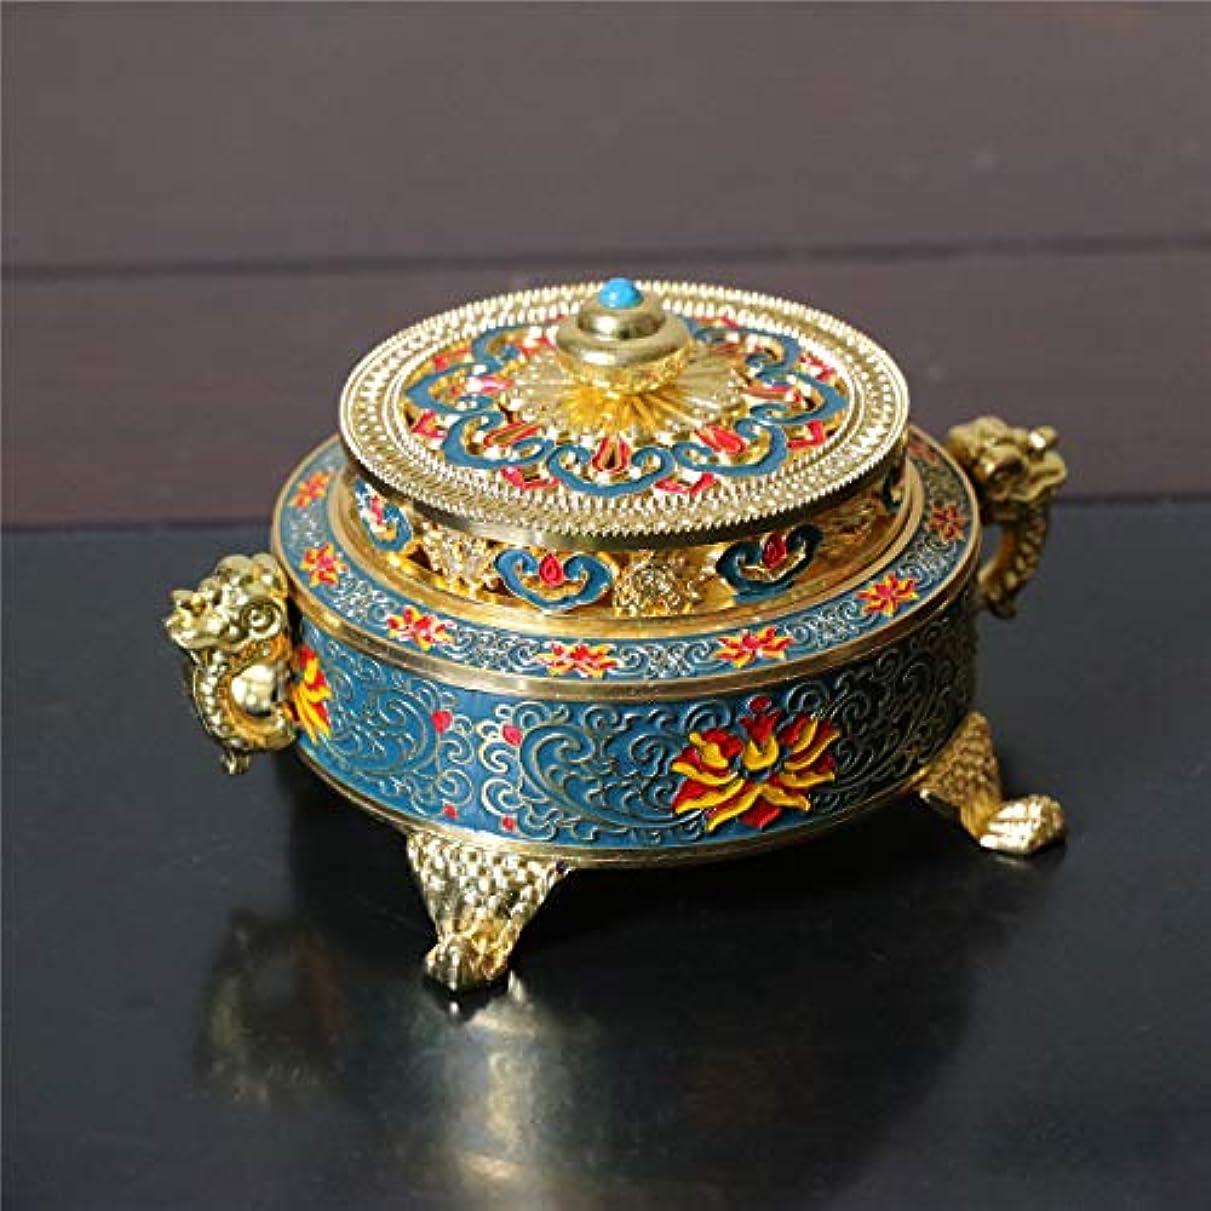 嫌い消化器ホテルPHILOGOD 香炉 美しく印刷渦巻き線香 香立て 仏壇用 香皿 (Blue Enamel)